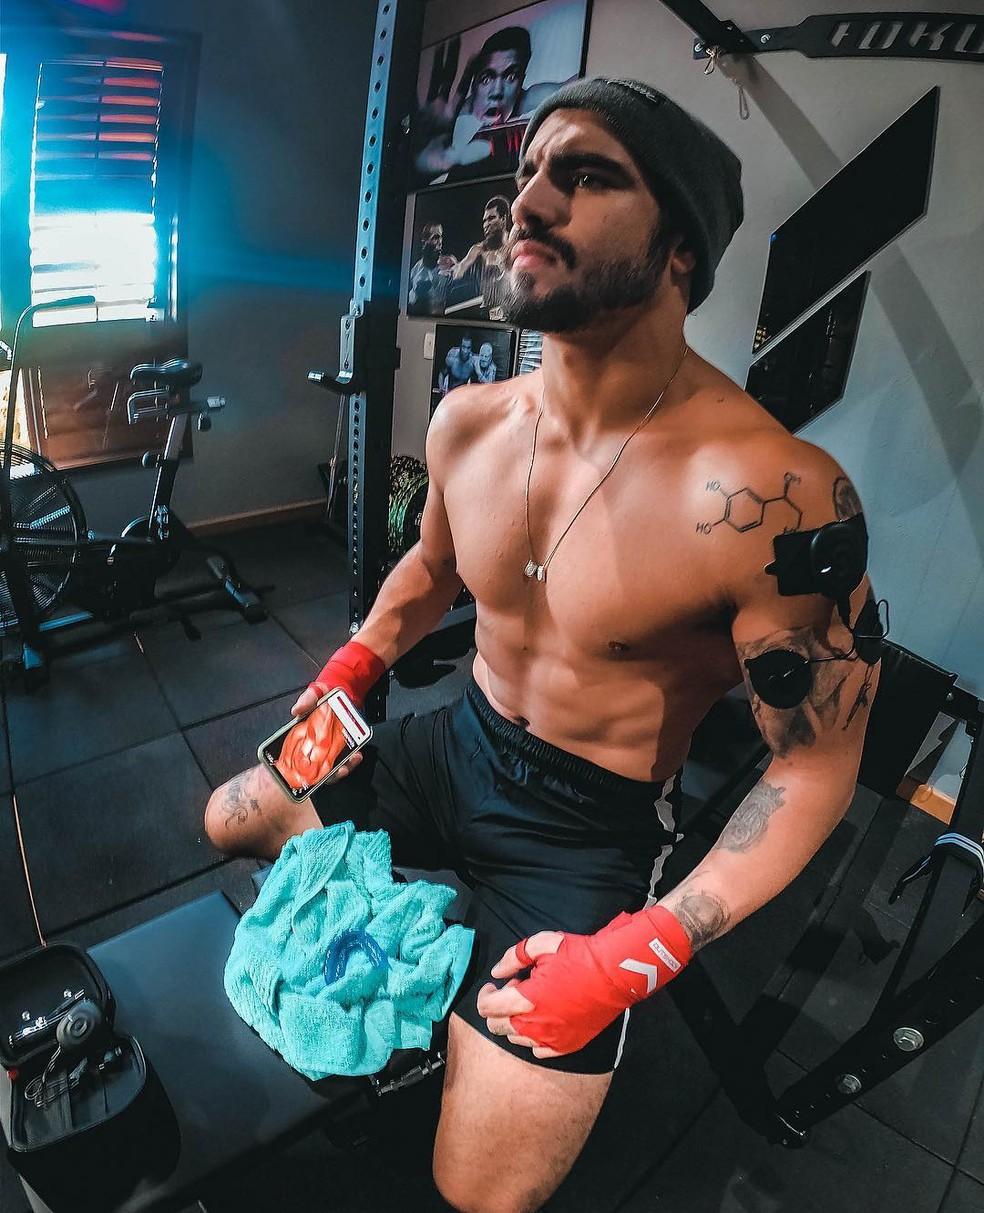 O corpo sarado é resultado de treinos constantes de boxe — Foto: Reprodução/Instagram